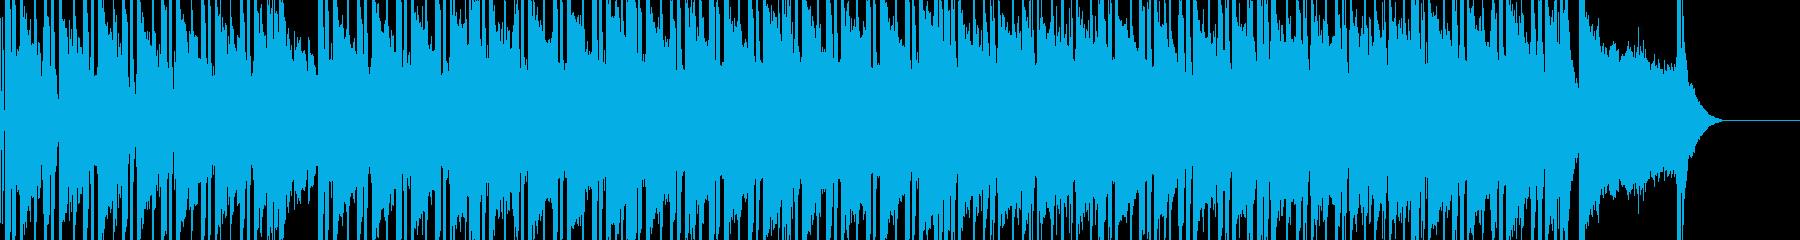 日常シーン向けの曲です。の再生済みの波形